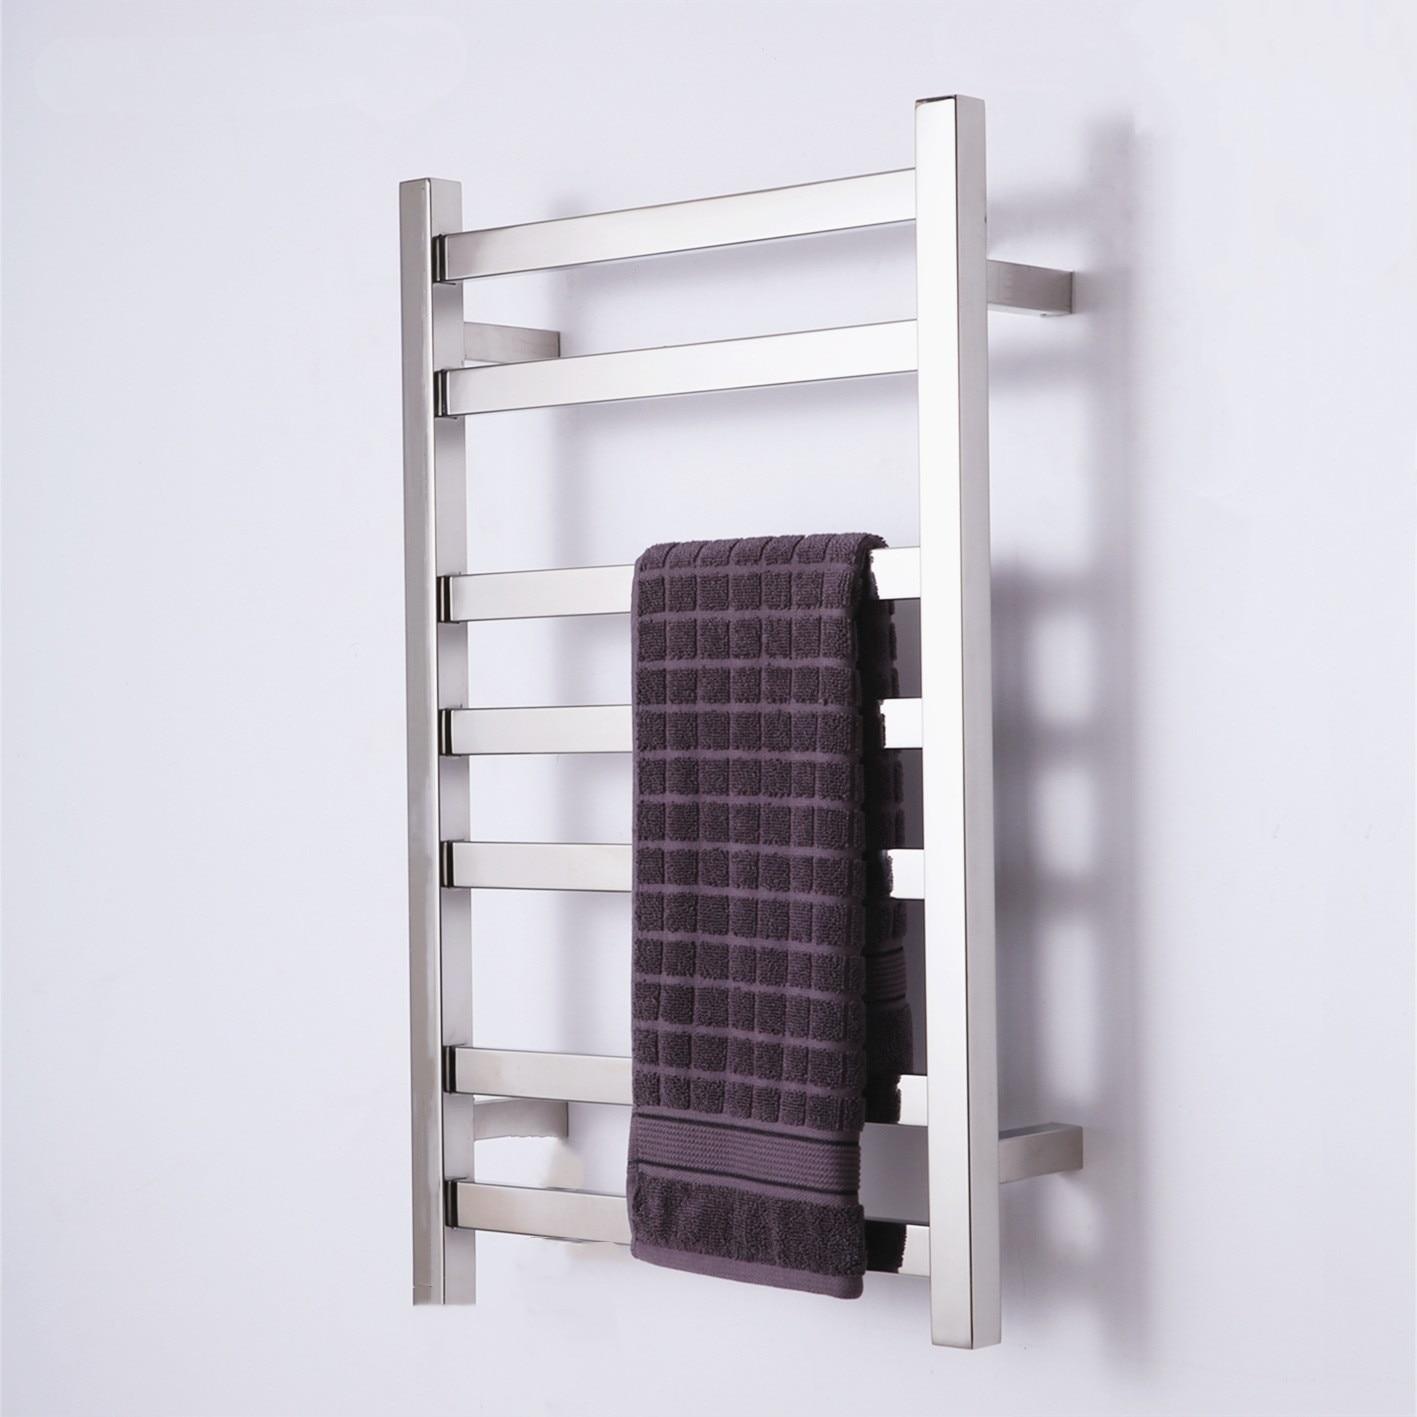 رف المنشفة الكهربائي الجديد المخفي لعام 2021 مثبت على الحائط 304 من الفولاذ المقاوم للصدأ رف تجفيف منشفة كهربائي 220 فولت للحمام